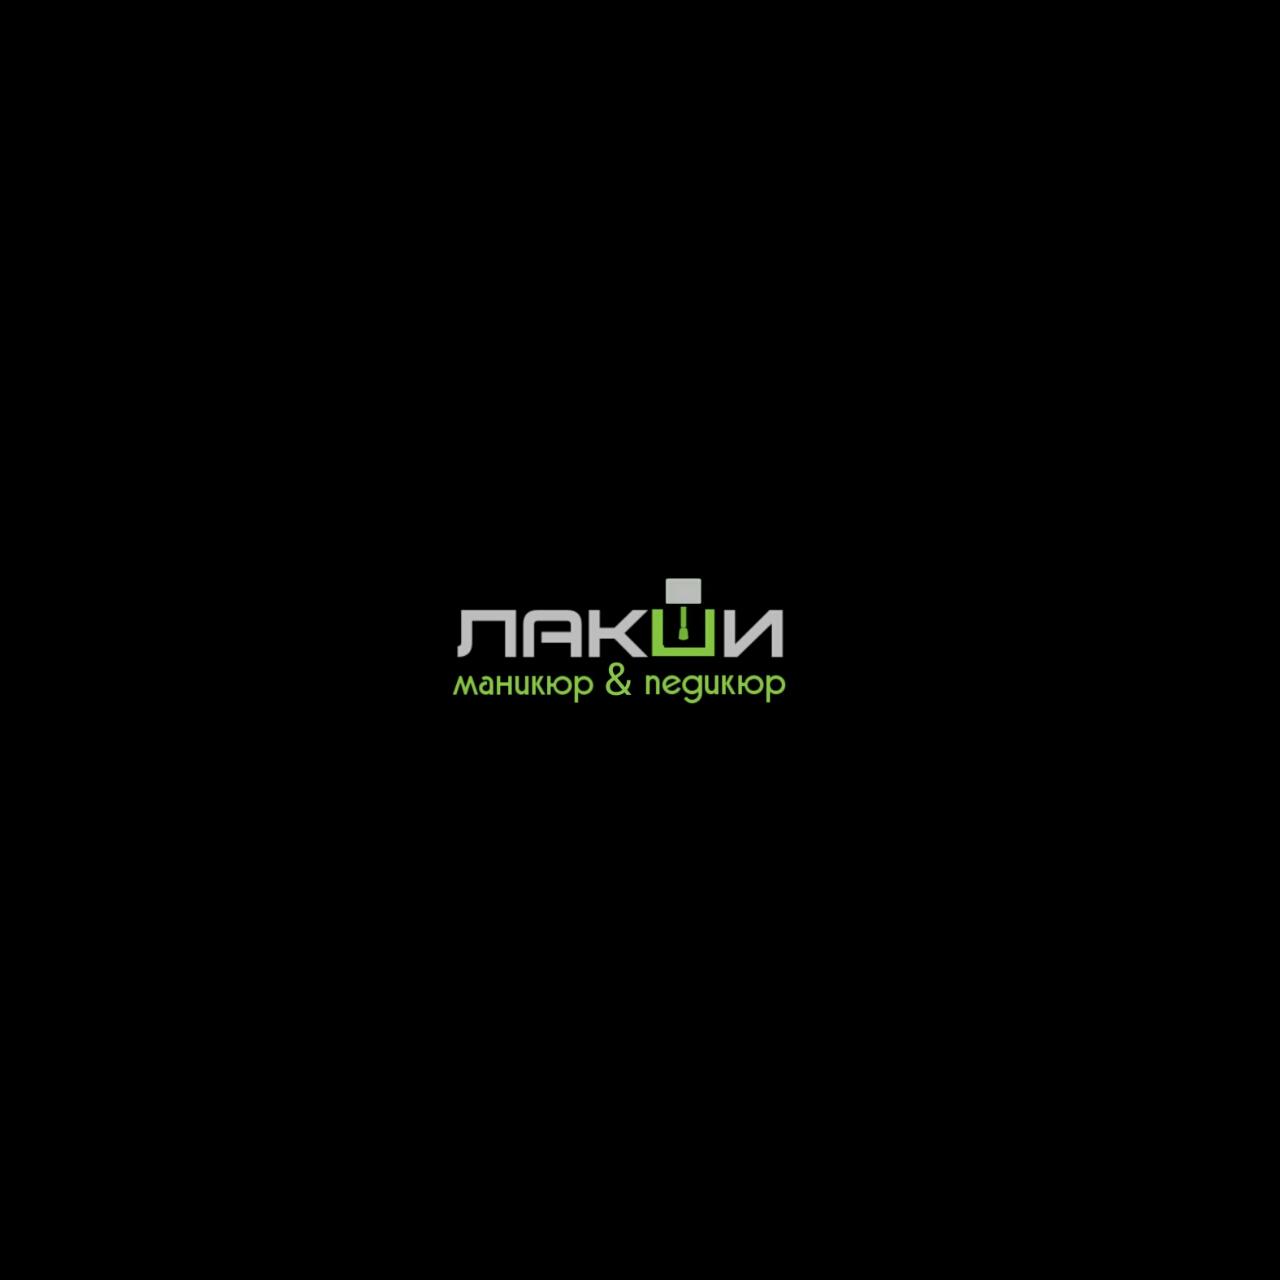 Разработка логотипа фирменного стиля фото f_1845c58274931206.jpg